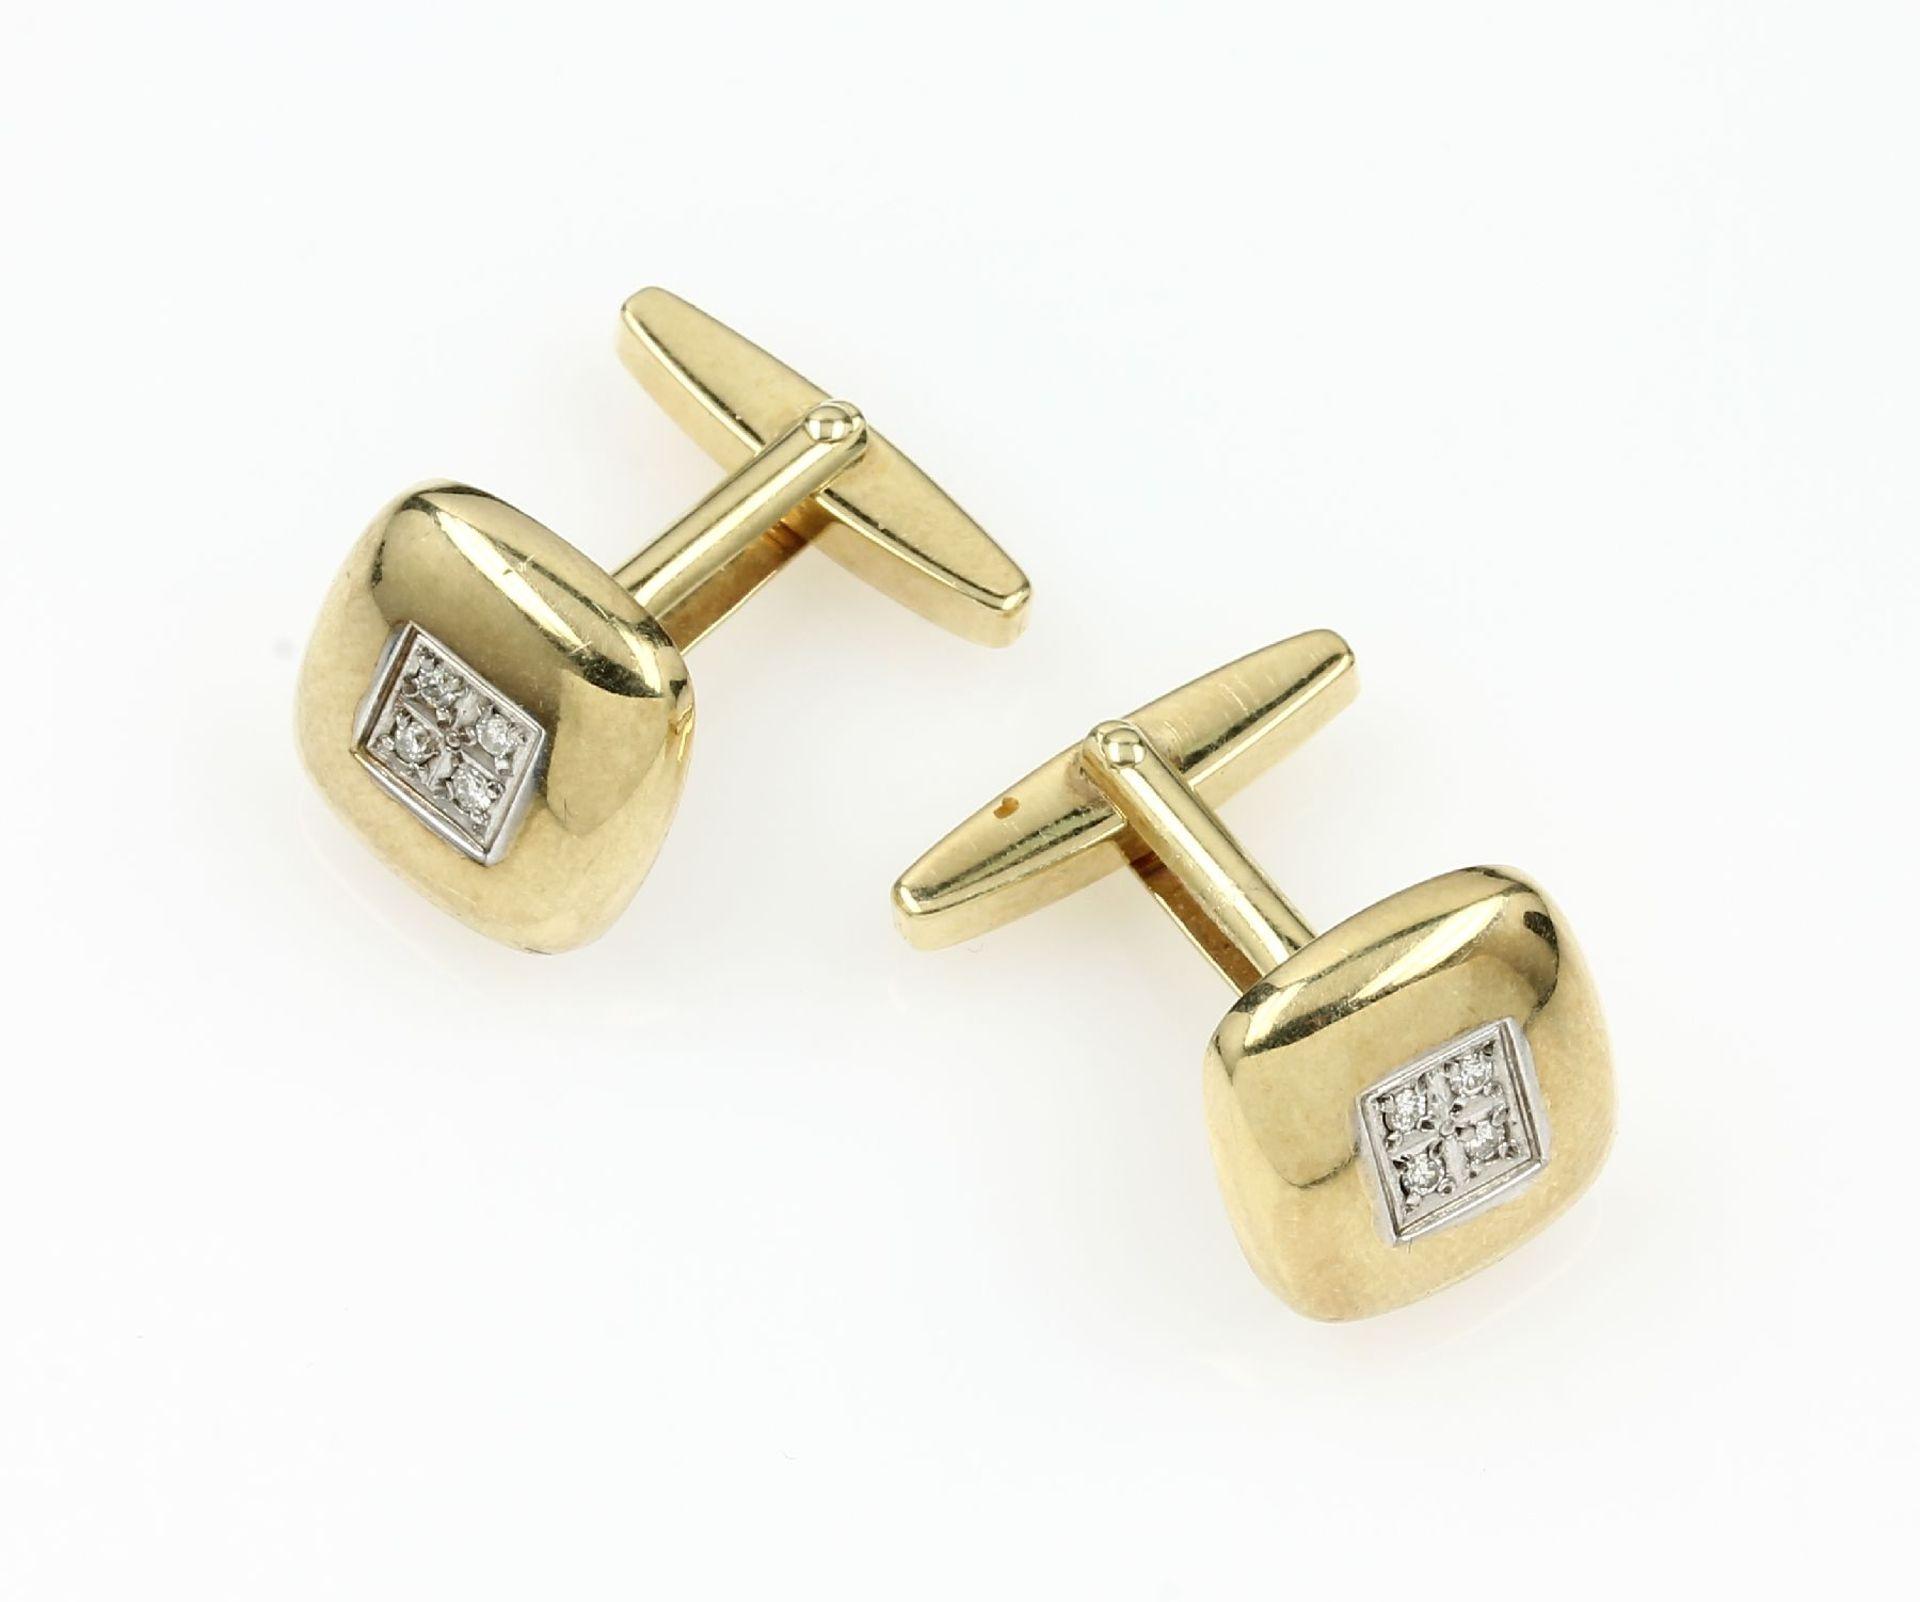 Paar 14 kt Gold Manschettenknöpfe mit Brillanten, GG/WG 585/000, in WG gefasste 8 Brillanten zus.